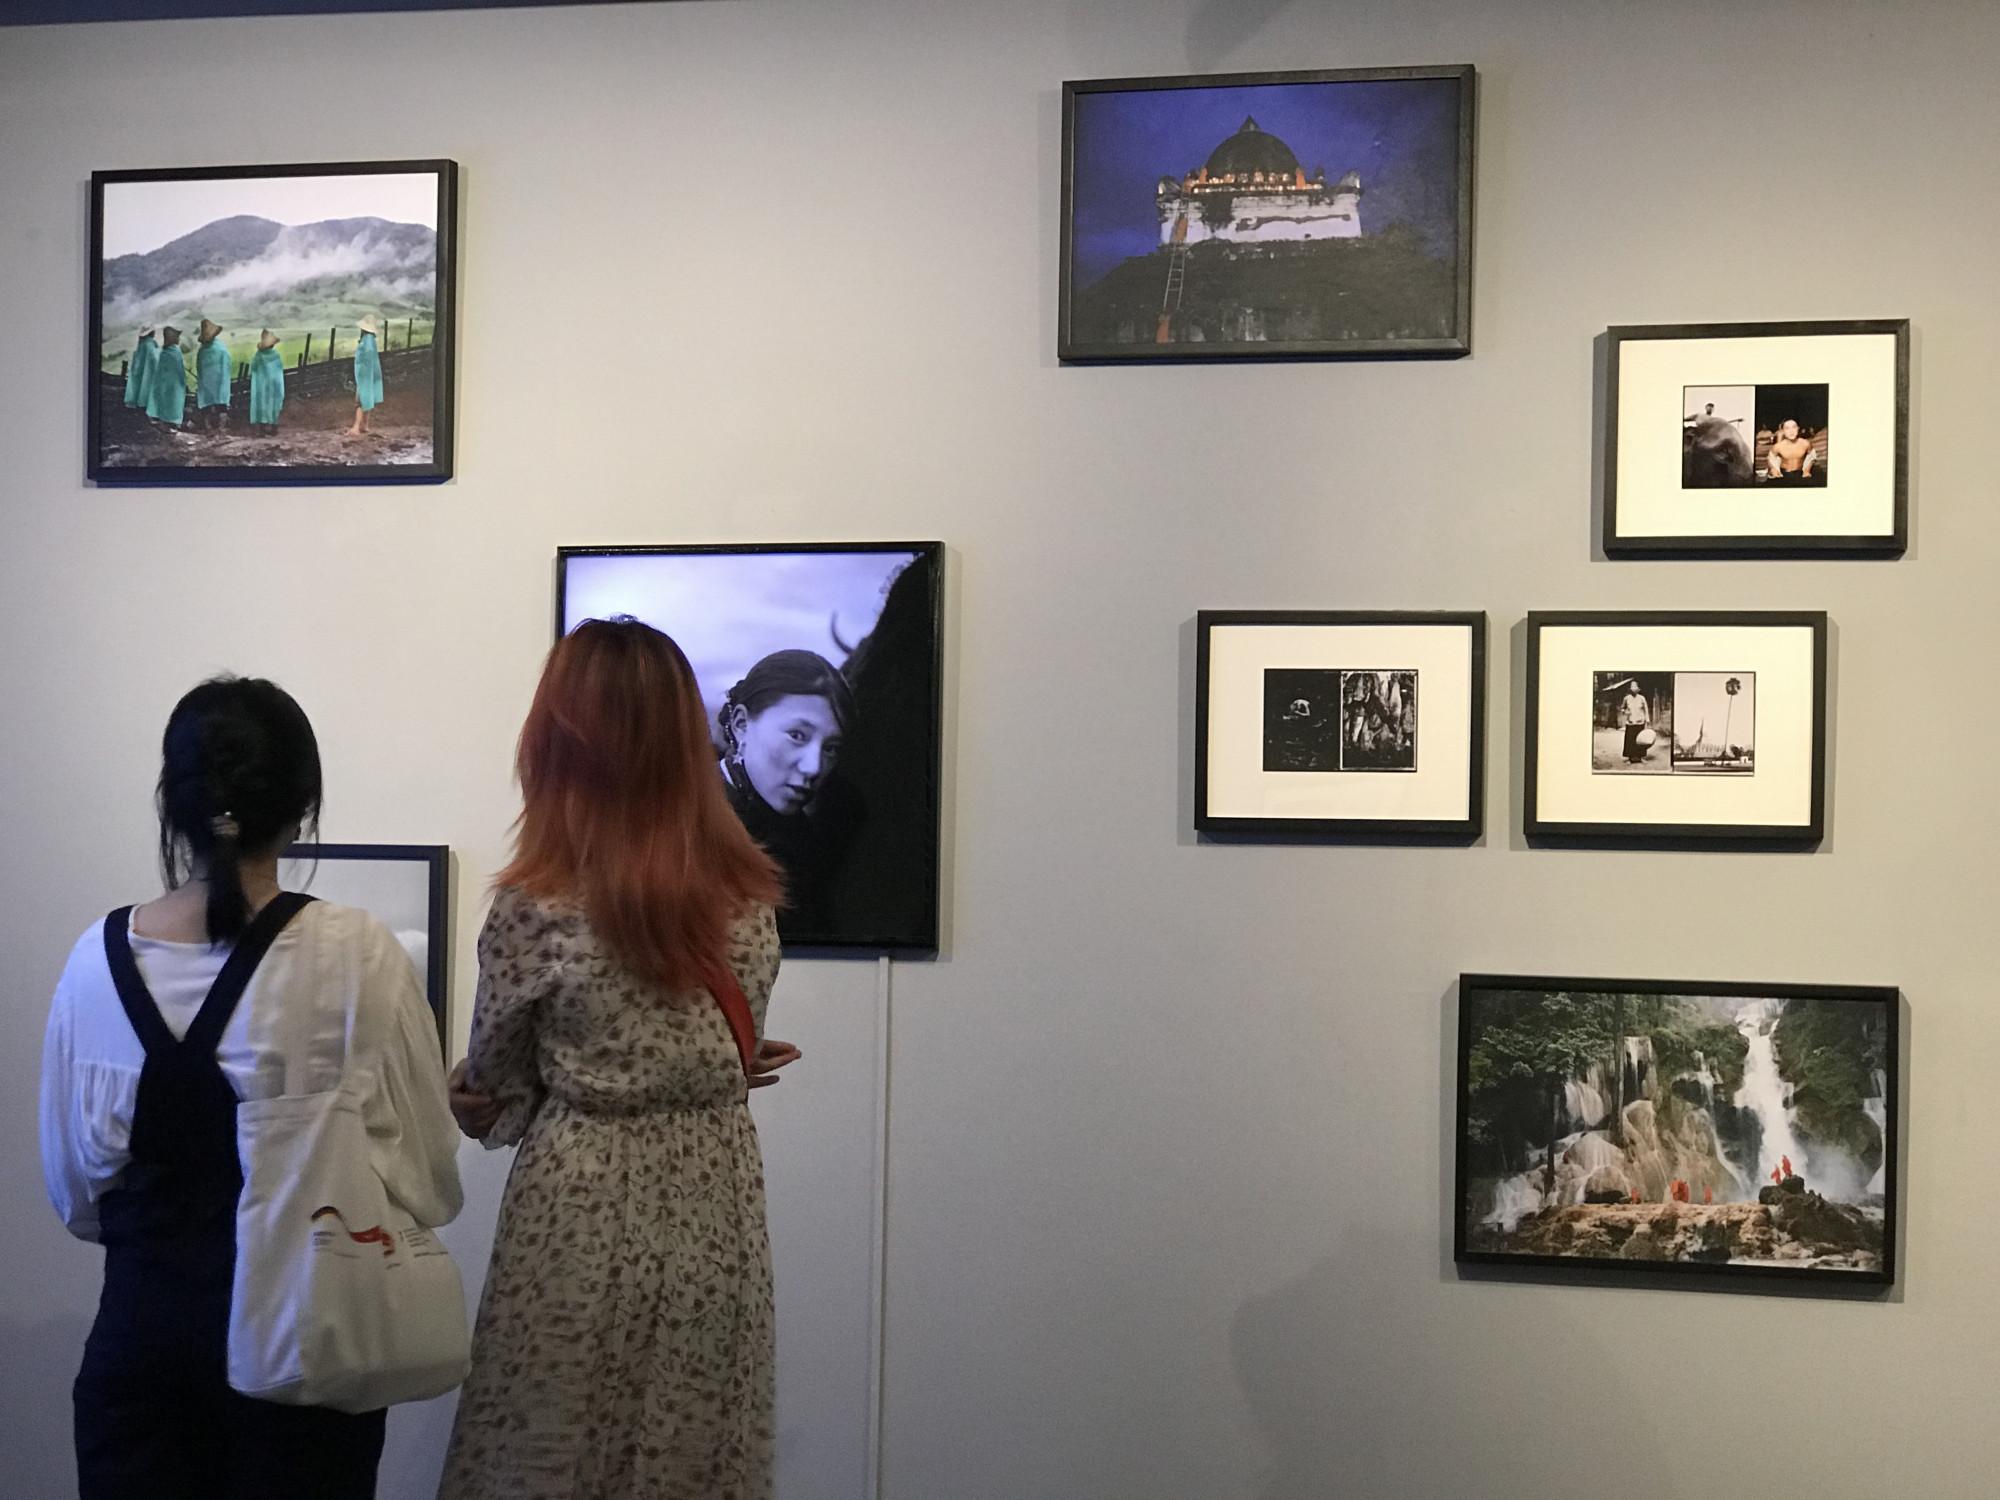 Lâm Đức Hiền sinh năm 1966 bên bờ sông Mê Kông, đoạn chảy qua thị trấn Paksé phía Nam Lào. Bố ông là người việt, mẹ là người Lào. Ông đặt chân đến Pháp năm 1977 sau hai năm sống trong trại tị nạn ở Thái Lan.  Lâm Đức Hiền đã đoạt nhiều giải thưởng quan trọng, trong đó có giải thưởng của Trung tâm quốc gia nhiếp ảnh Pháp (Centre National de la Photographie -1994), Giải thưởng nhiếp ảnh châu Âu Leica do thành phố Vevey ở Thụy sĩ trao tặng (Grand Prix Européen – 1995). Hạng nhất trong thể loại chân dung của Giải thưởng World Press (2001). Nhiều ảnh phóng sự của anh đã được đăng trên các tờ báo Anh ngữ US News, Newsweek, Times Asia, trong tiếng Pháp thì có GEO Magazine, Paris Match, Le Monde, Libération, La Croix… Lâm Đức Hiền là thành viên của hãng ảnh Agence VU'.